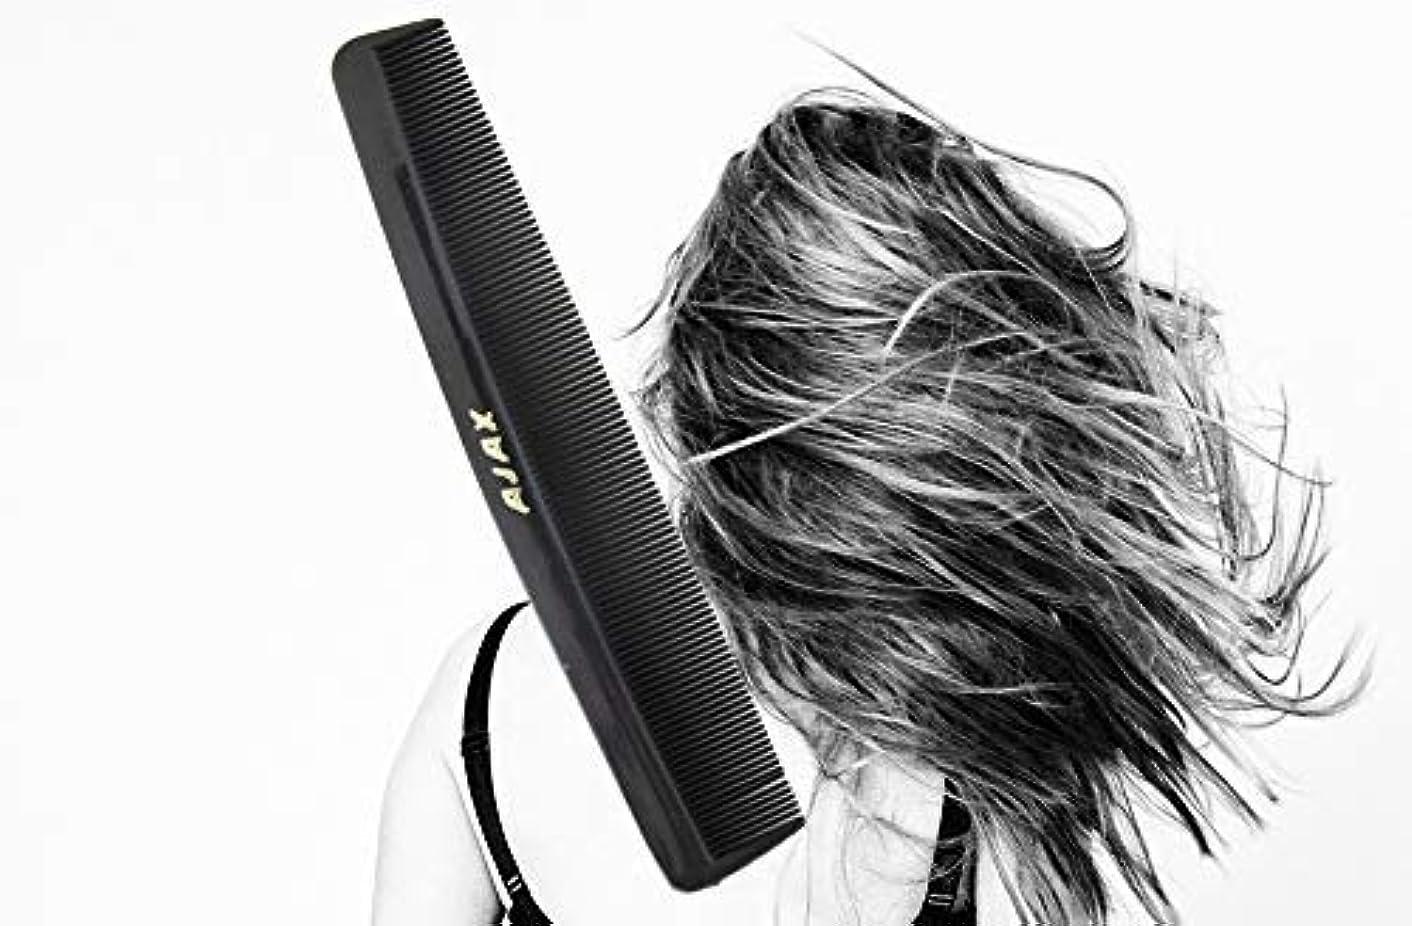 じゃがいもテレビ局仮定、想定。推測Ajax Unbreakable Hair Combs Super Flexible Pocket Sized - Proudly Made in the USA (Pack of 6) [並行輸入品]